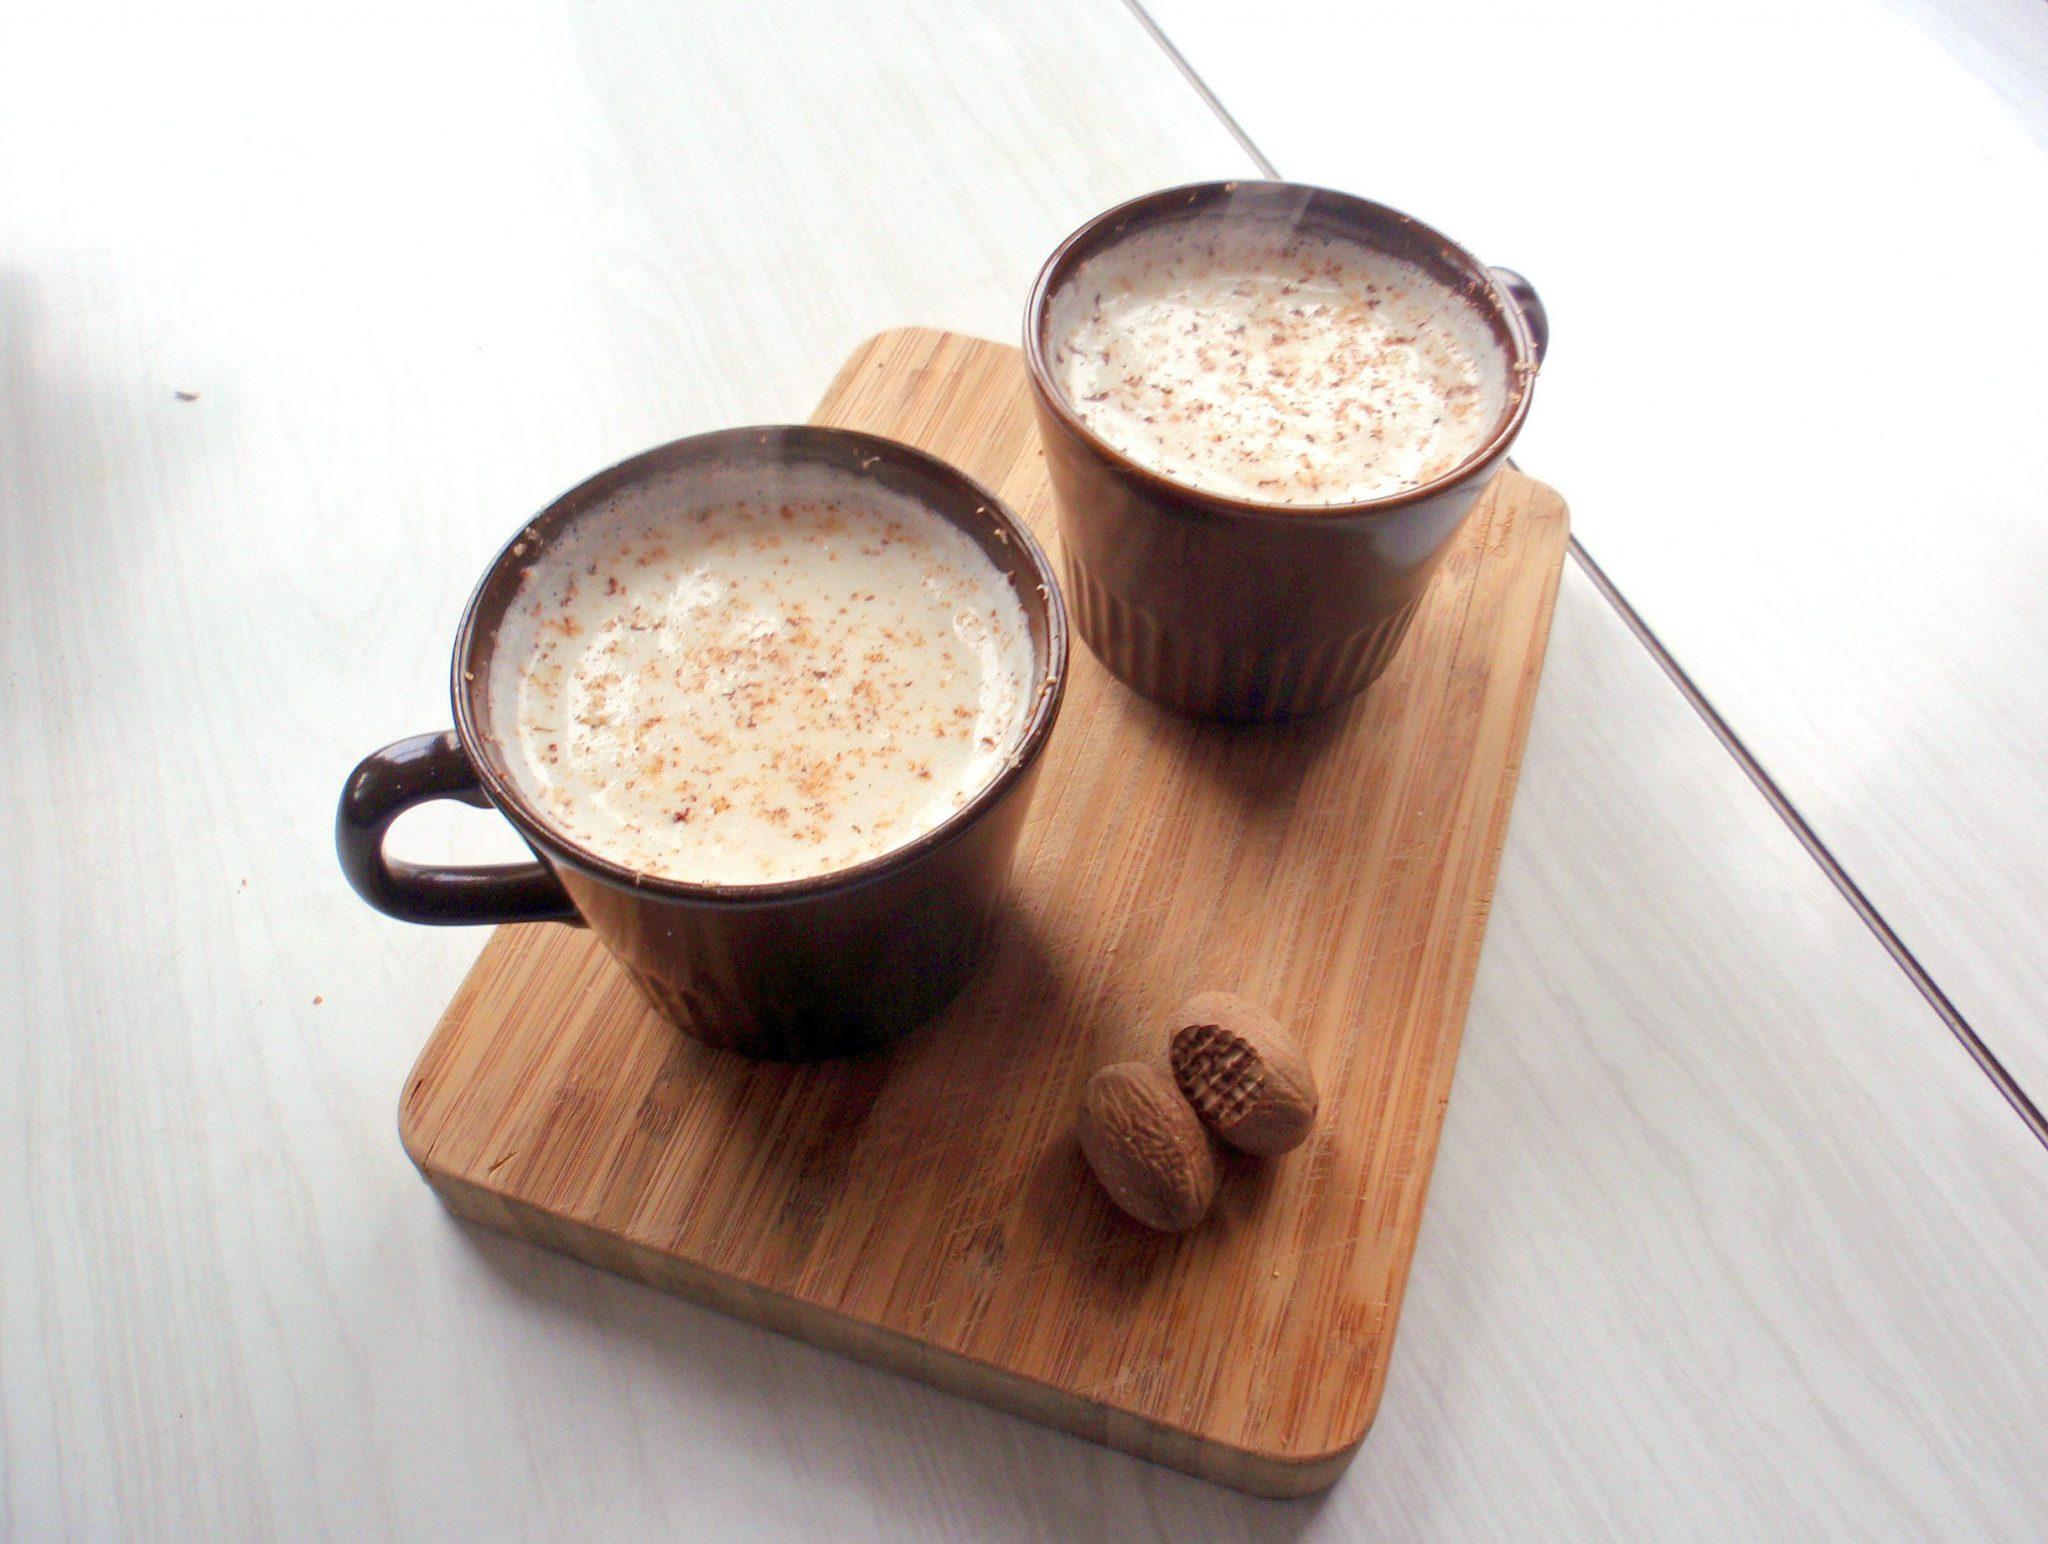 طريقة تحضير حليب بالزنجبيل والعسل